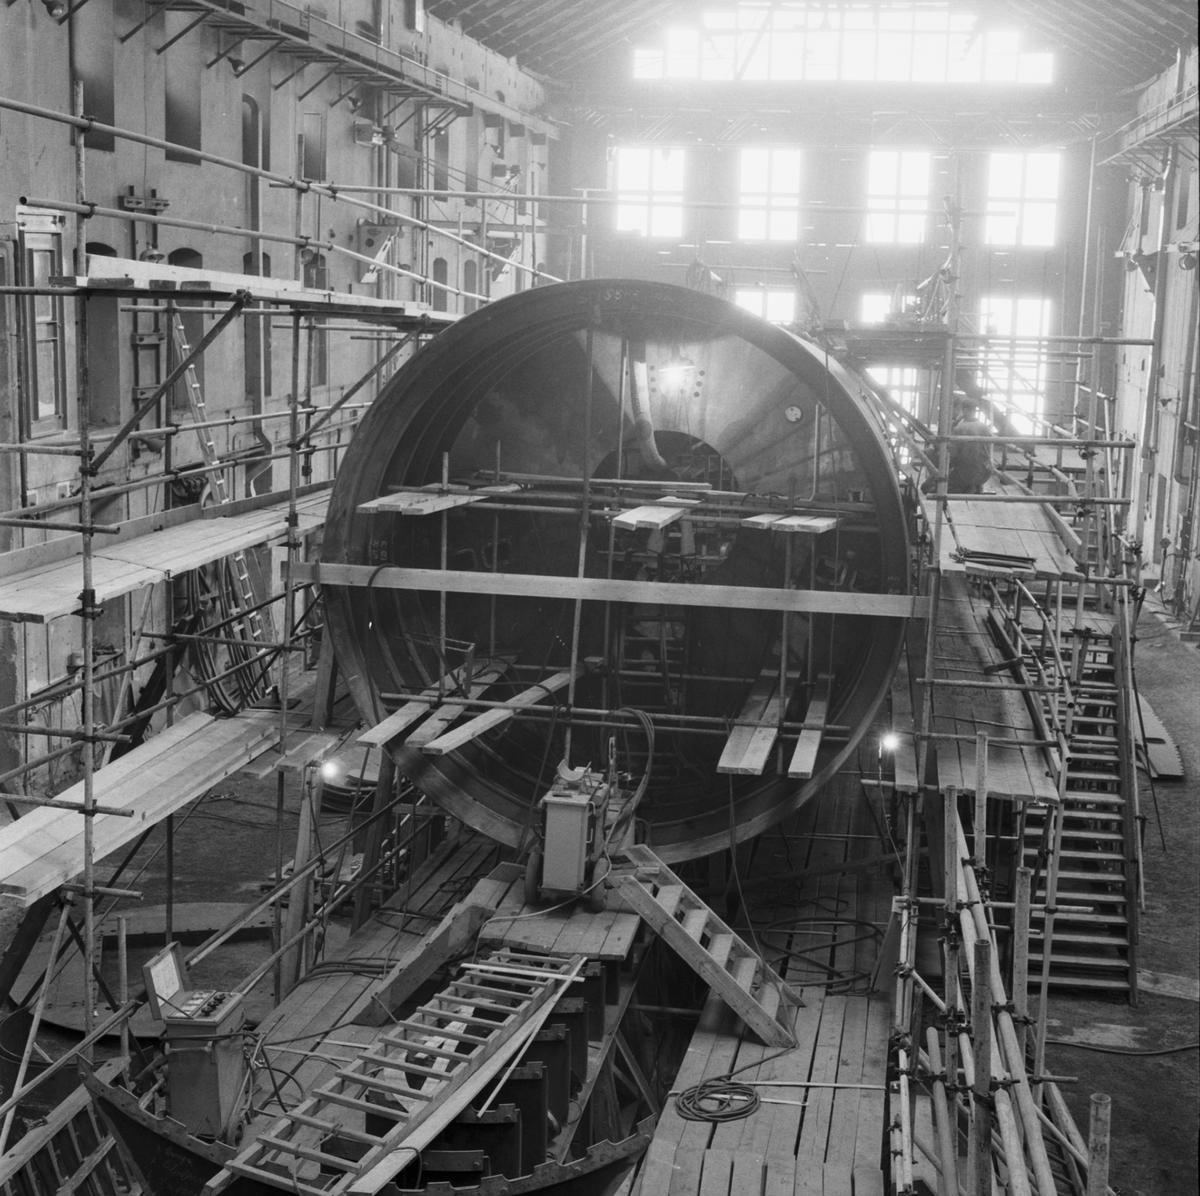 Rederi: Kungliga Flottan, Marinen Byggår: 1959 Varv: Örlogsvarvet, Karlskrona Övrigt: Ubåt under uppbyggnad i verkstaden.